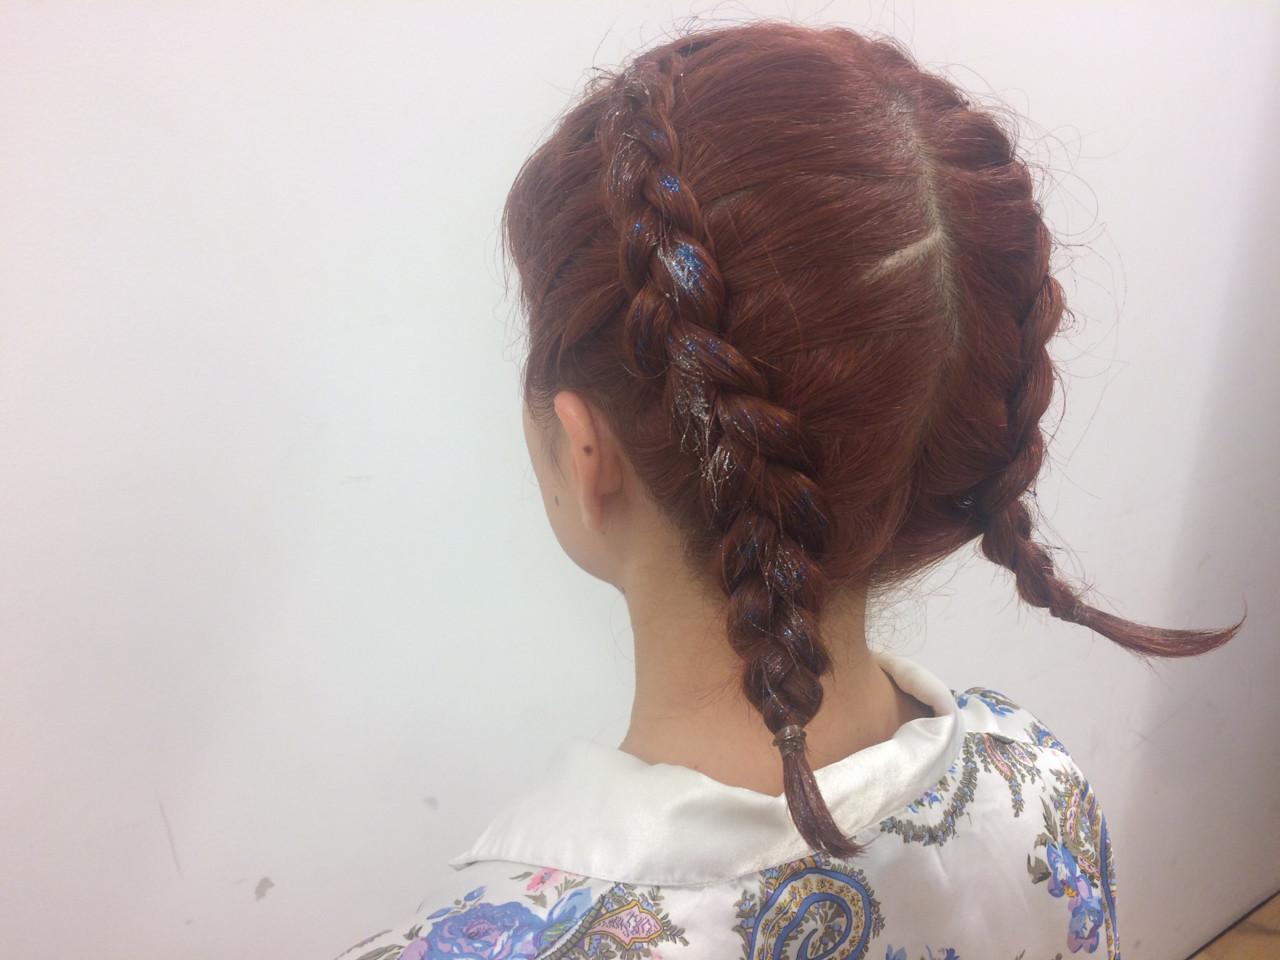 ボブでもできる簡単まとめ髪♡スッキリ可愛いアレンジを伝授 natsuki | hair make design paf